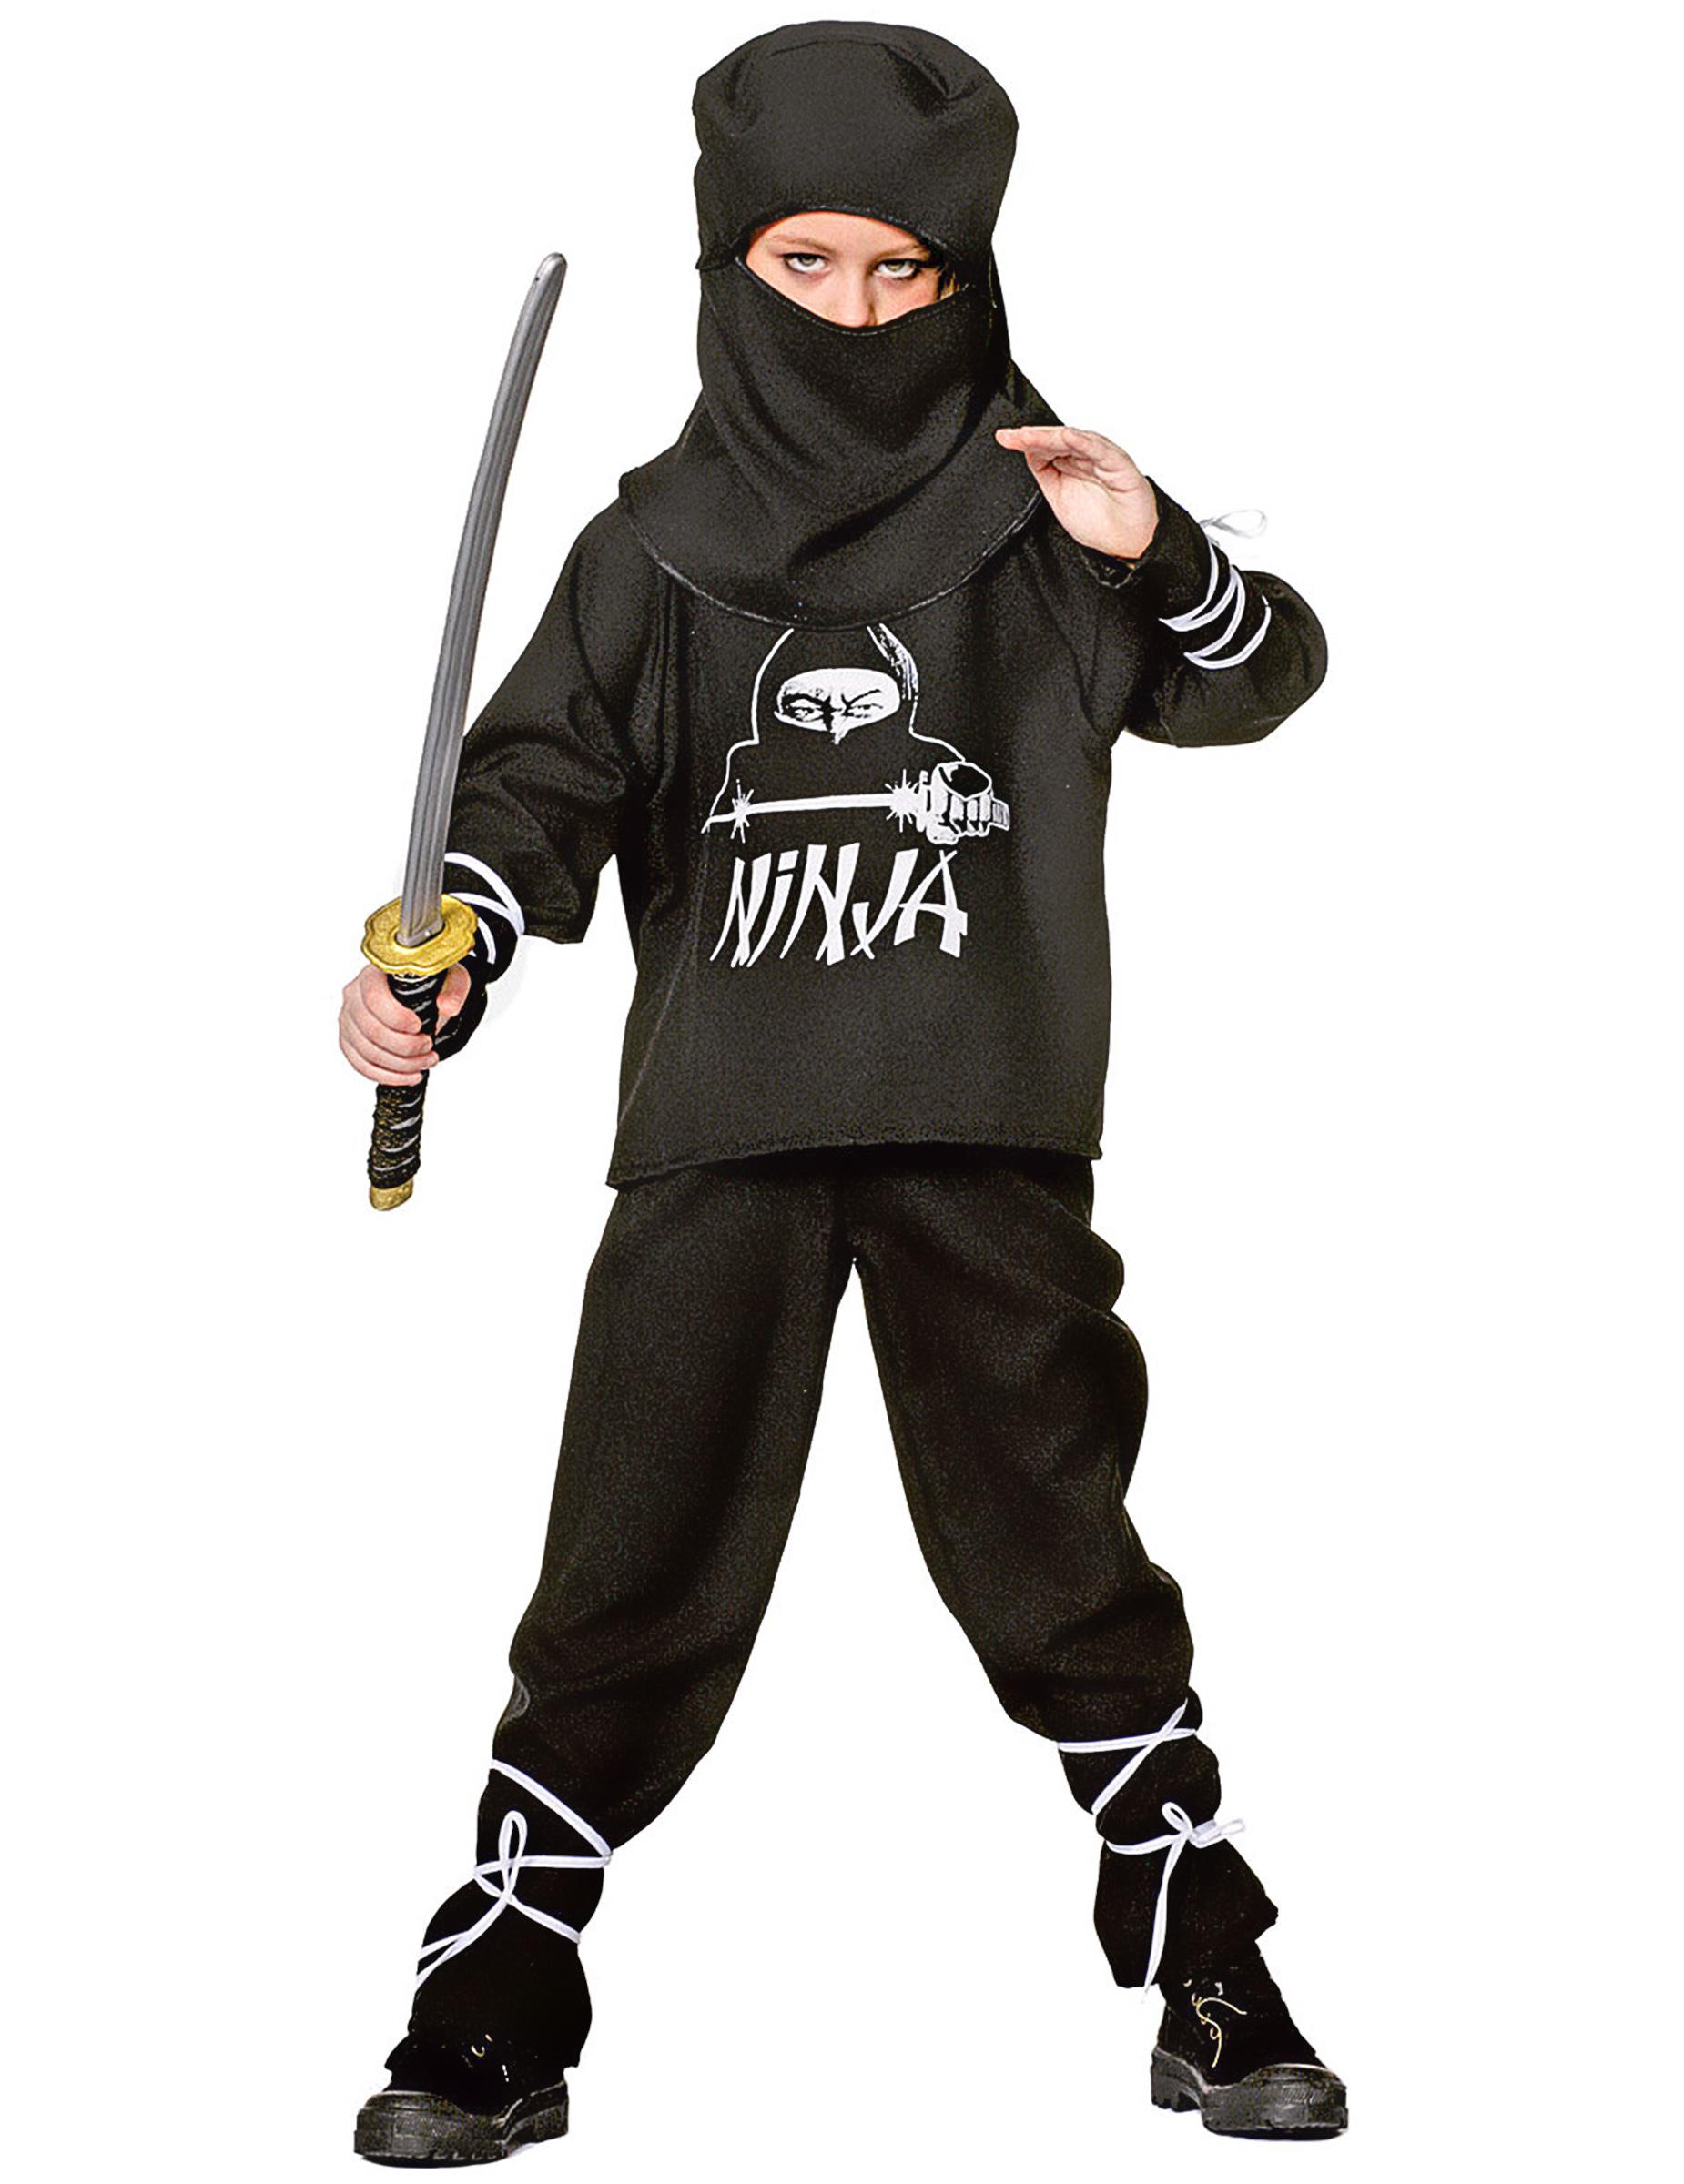 Disfraz ninja negro y blanco para niño  Disfraces niños 377706a5e1b